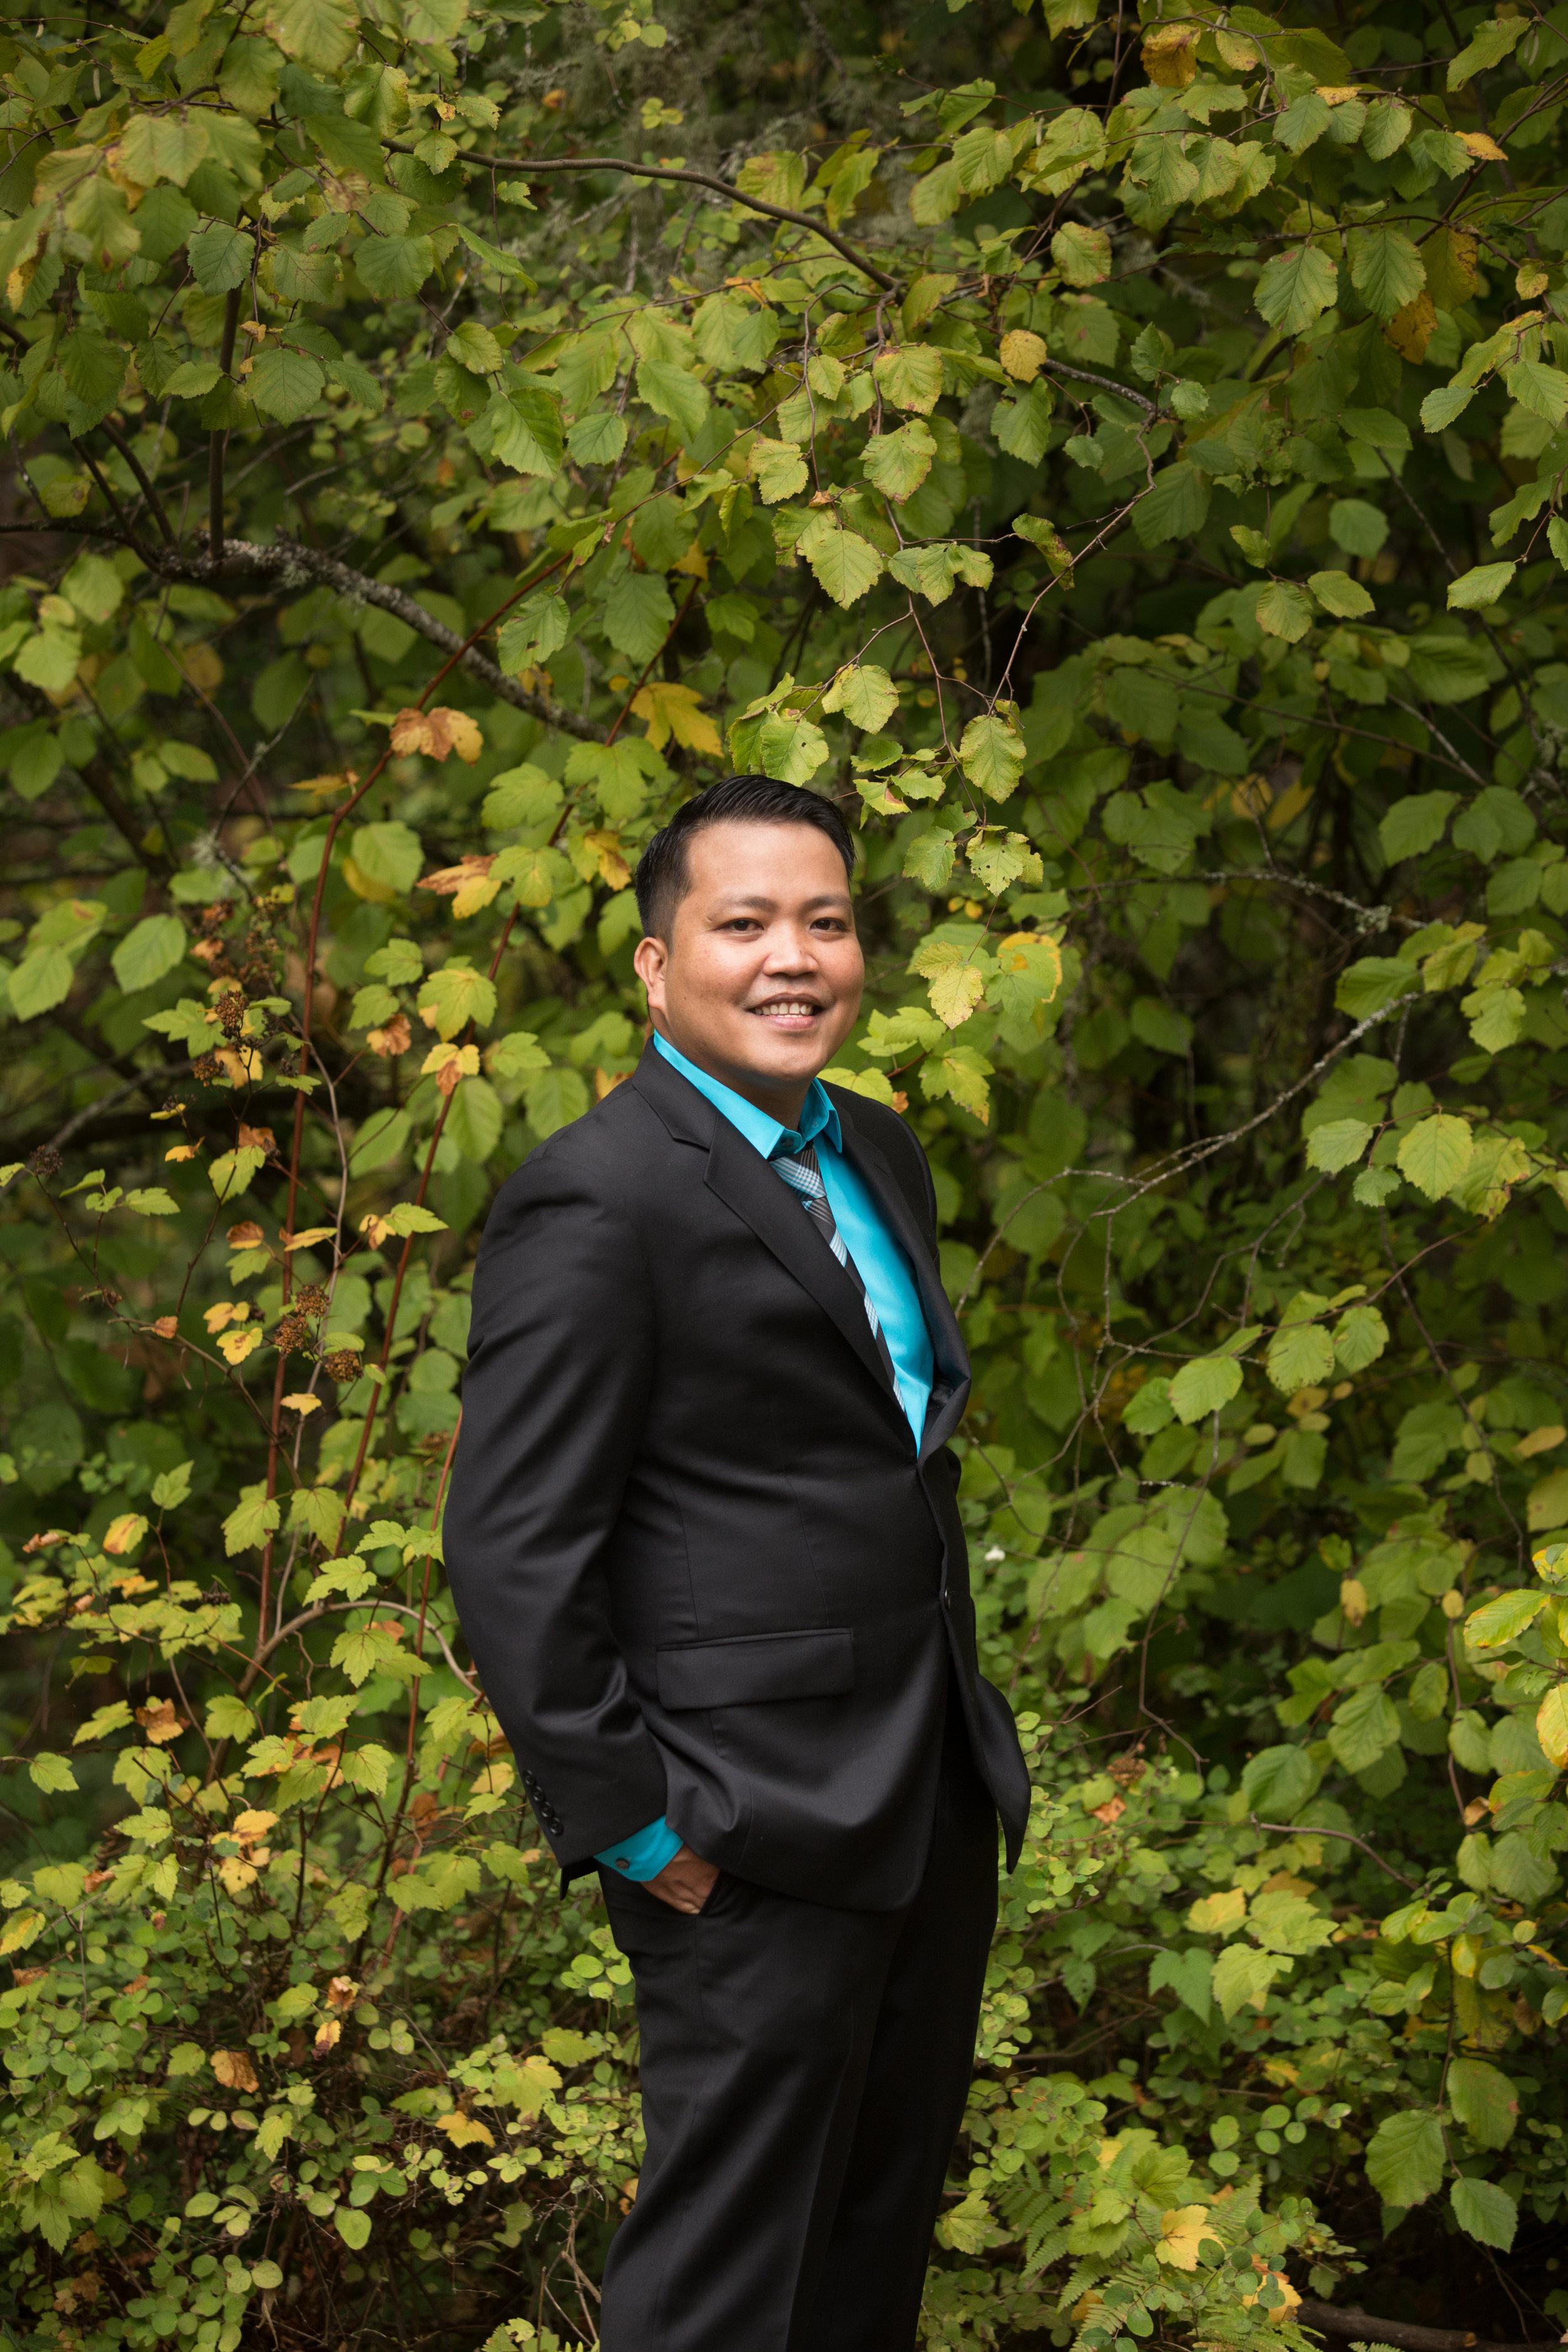 wedding_2015-10-17-58.jpg